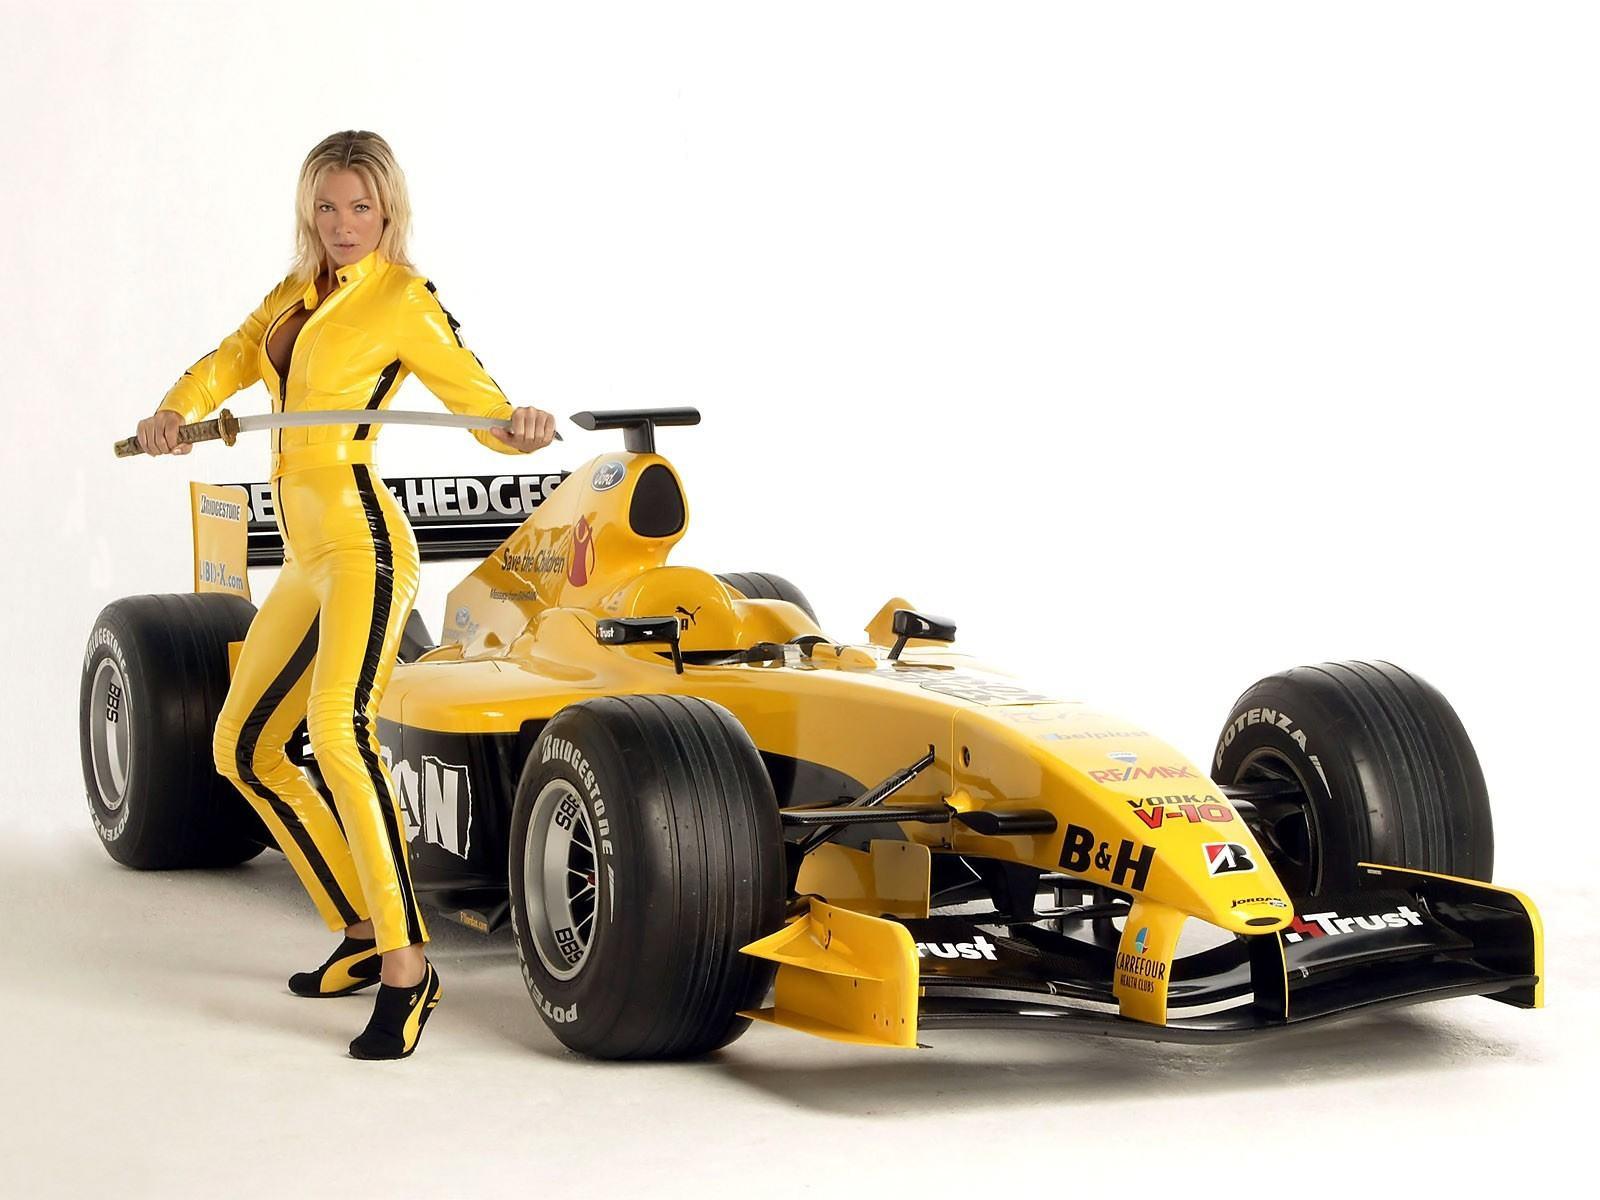 Желтый автомобиль, убить билла, сабля, формула-1, обои на рабочий стол